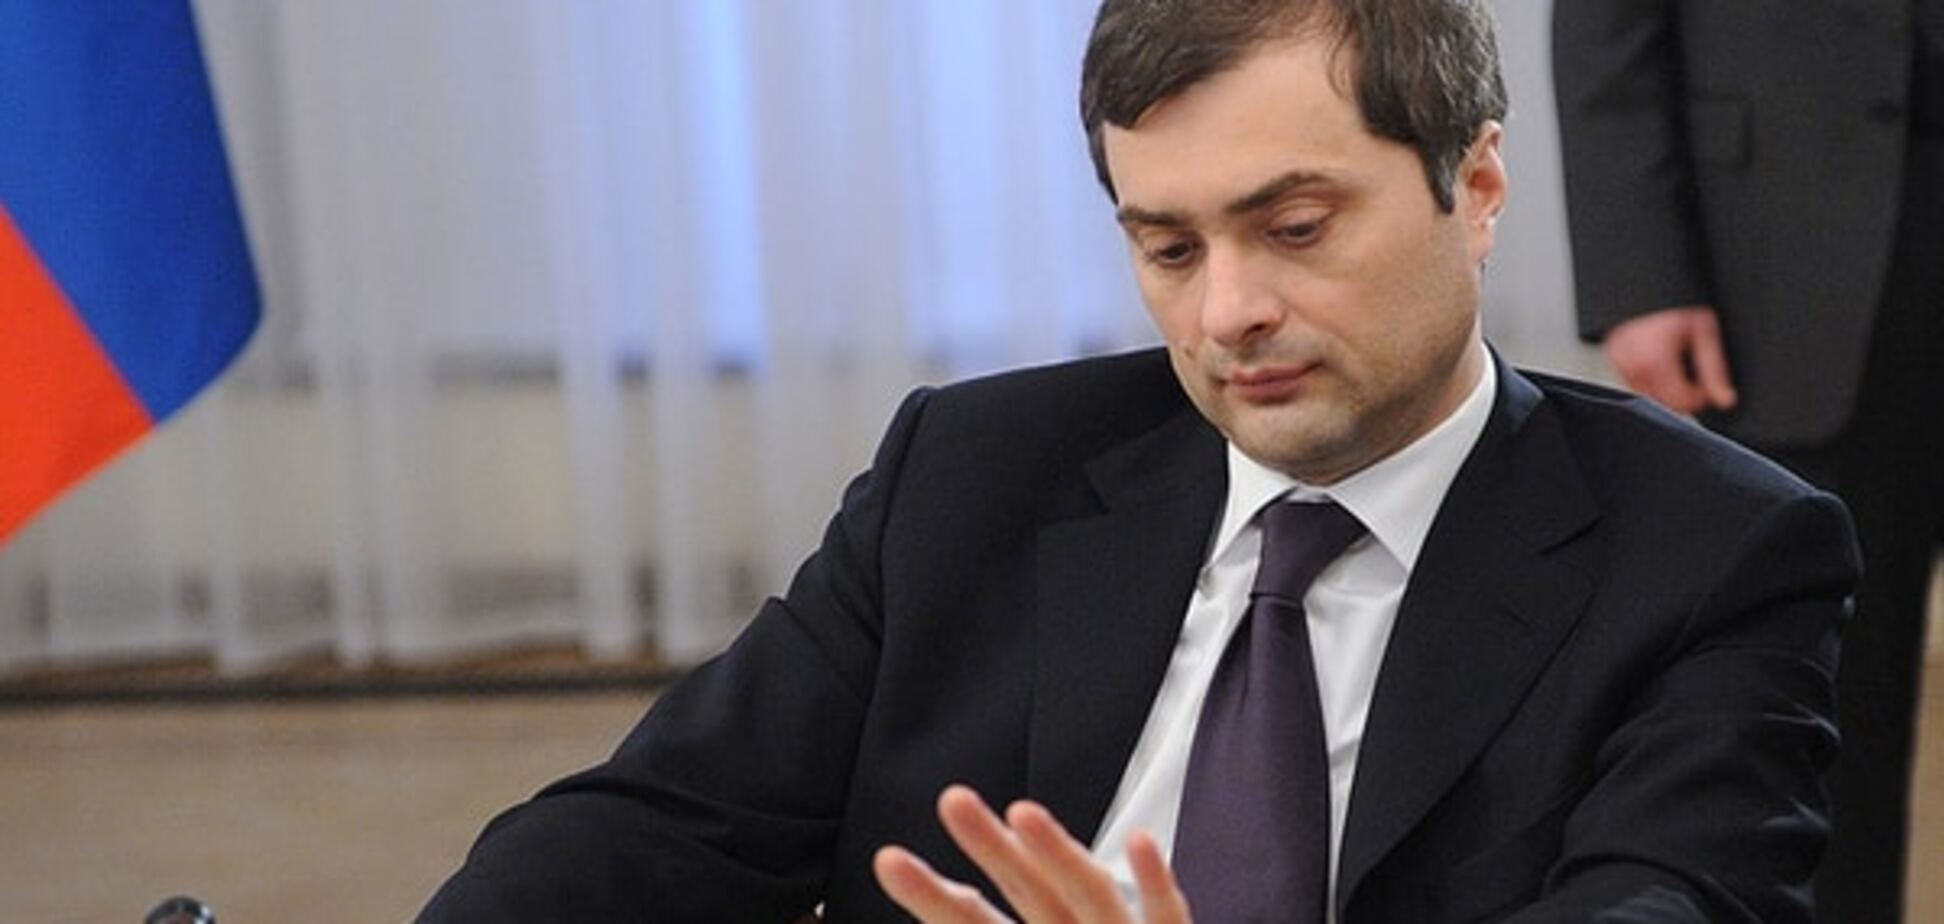 Сторонник террористов опроверг информацию о смене кураторов 'Новороссии' в Кремле